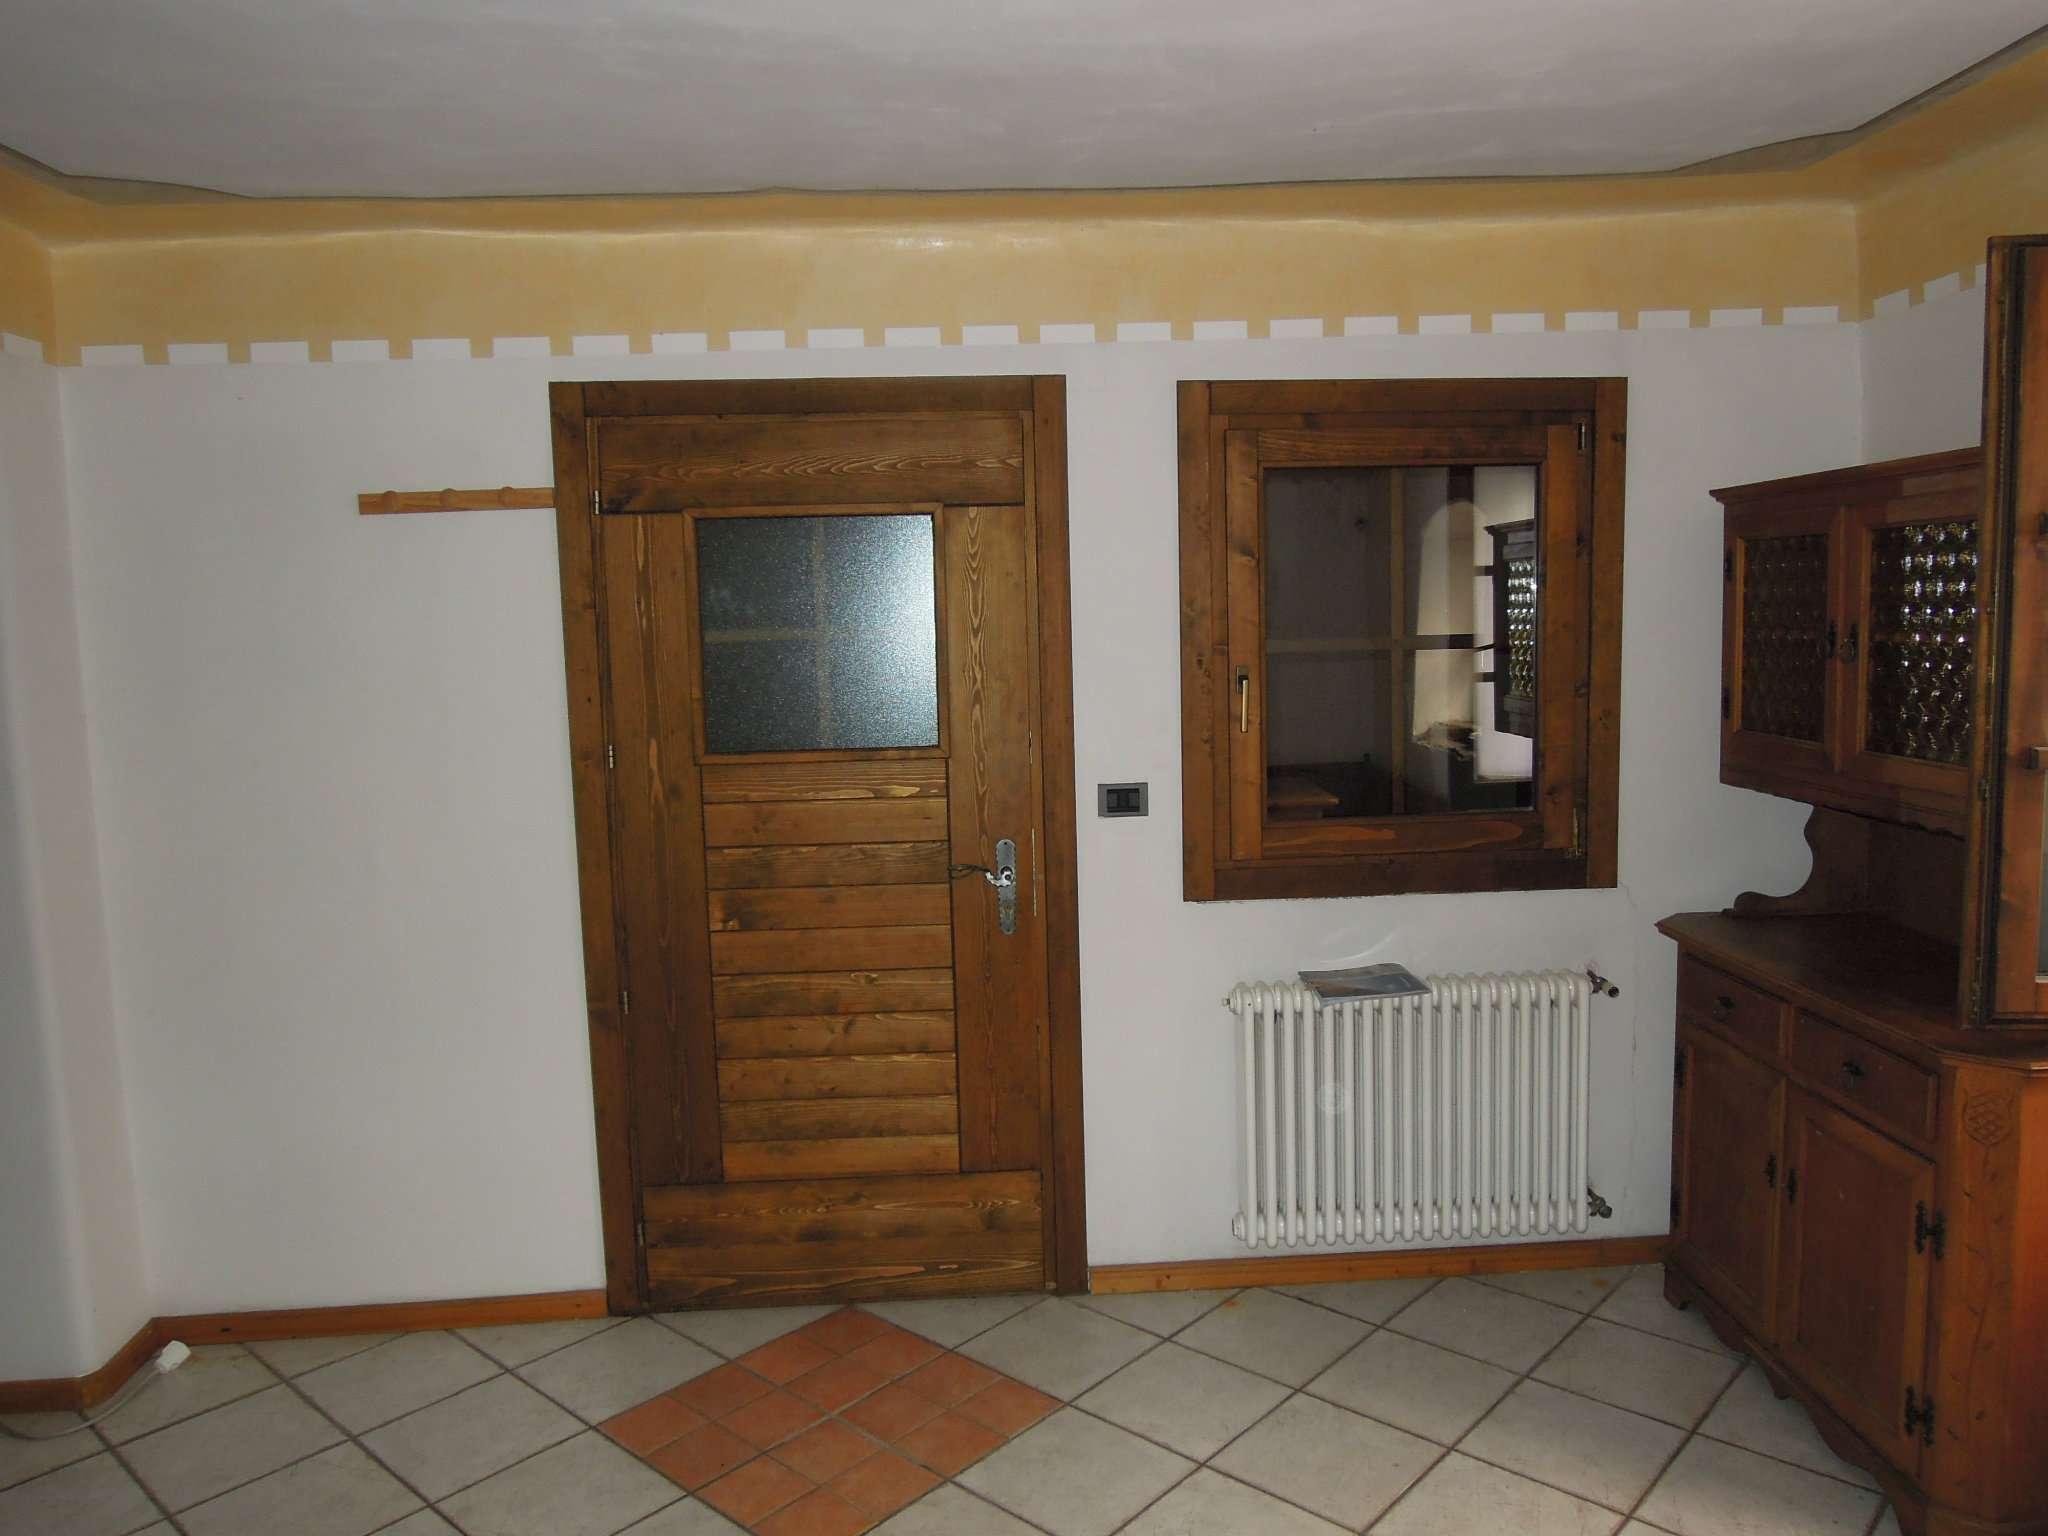 Appartamento in vendita a Fondo, 3 locali, Trattative riservate   CambioCasa.it